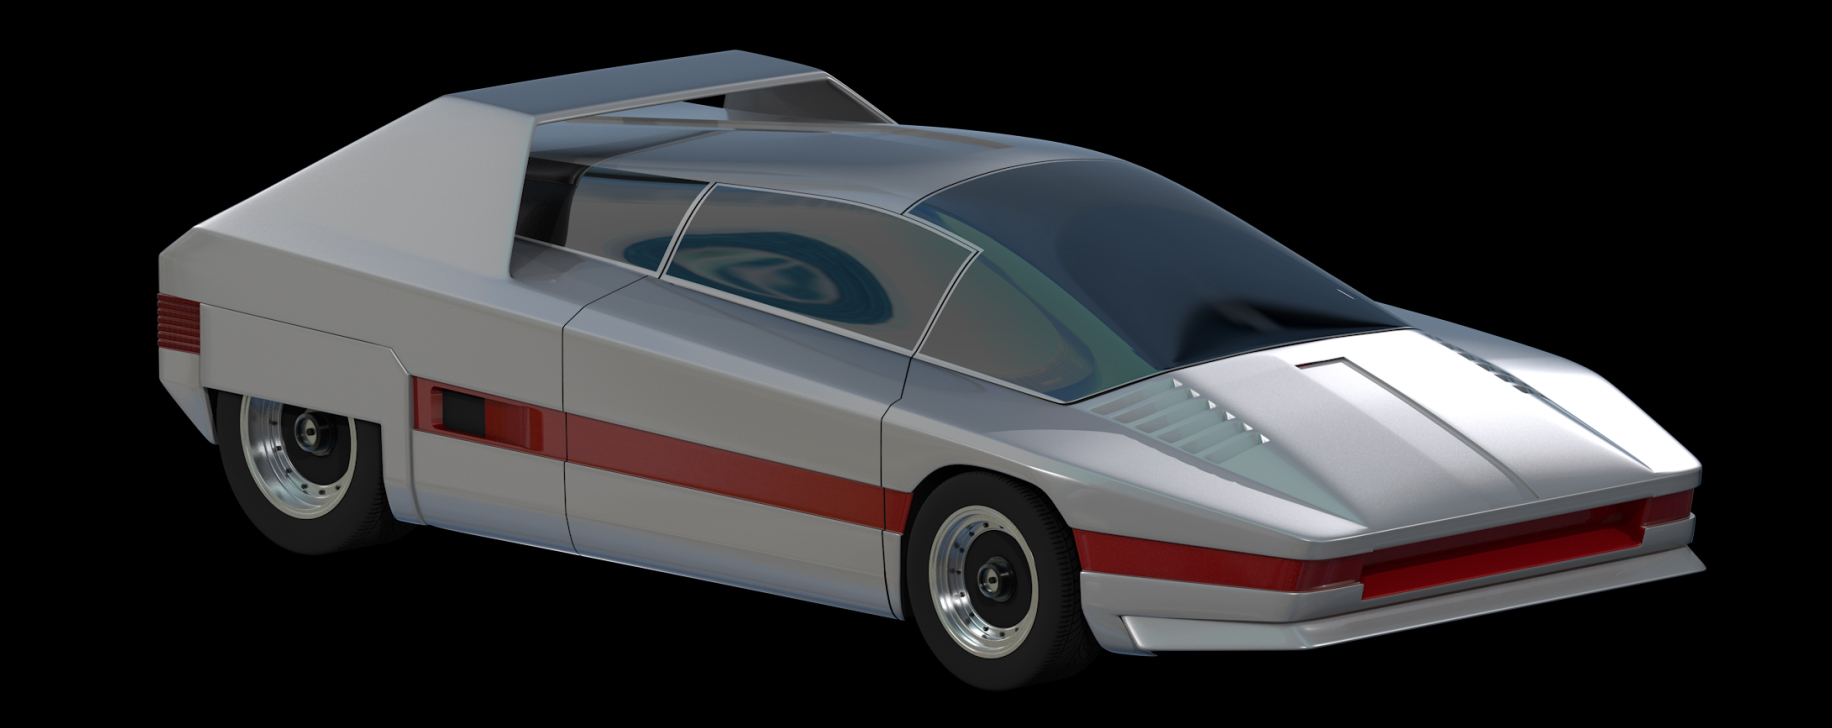 Alfa_Romeo_Navajo_Thin.jpg